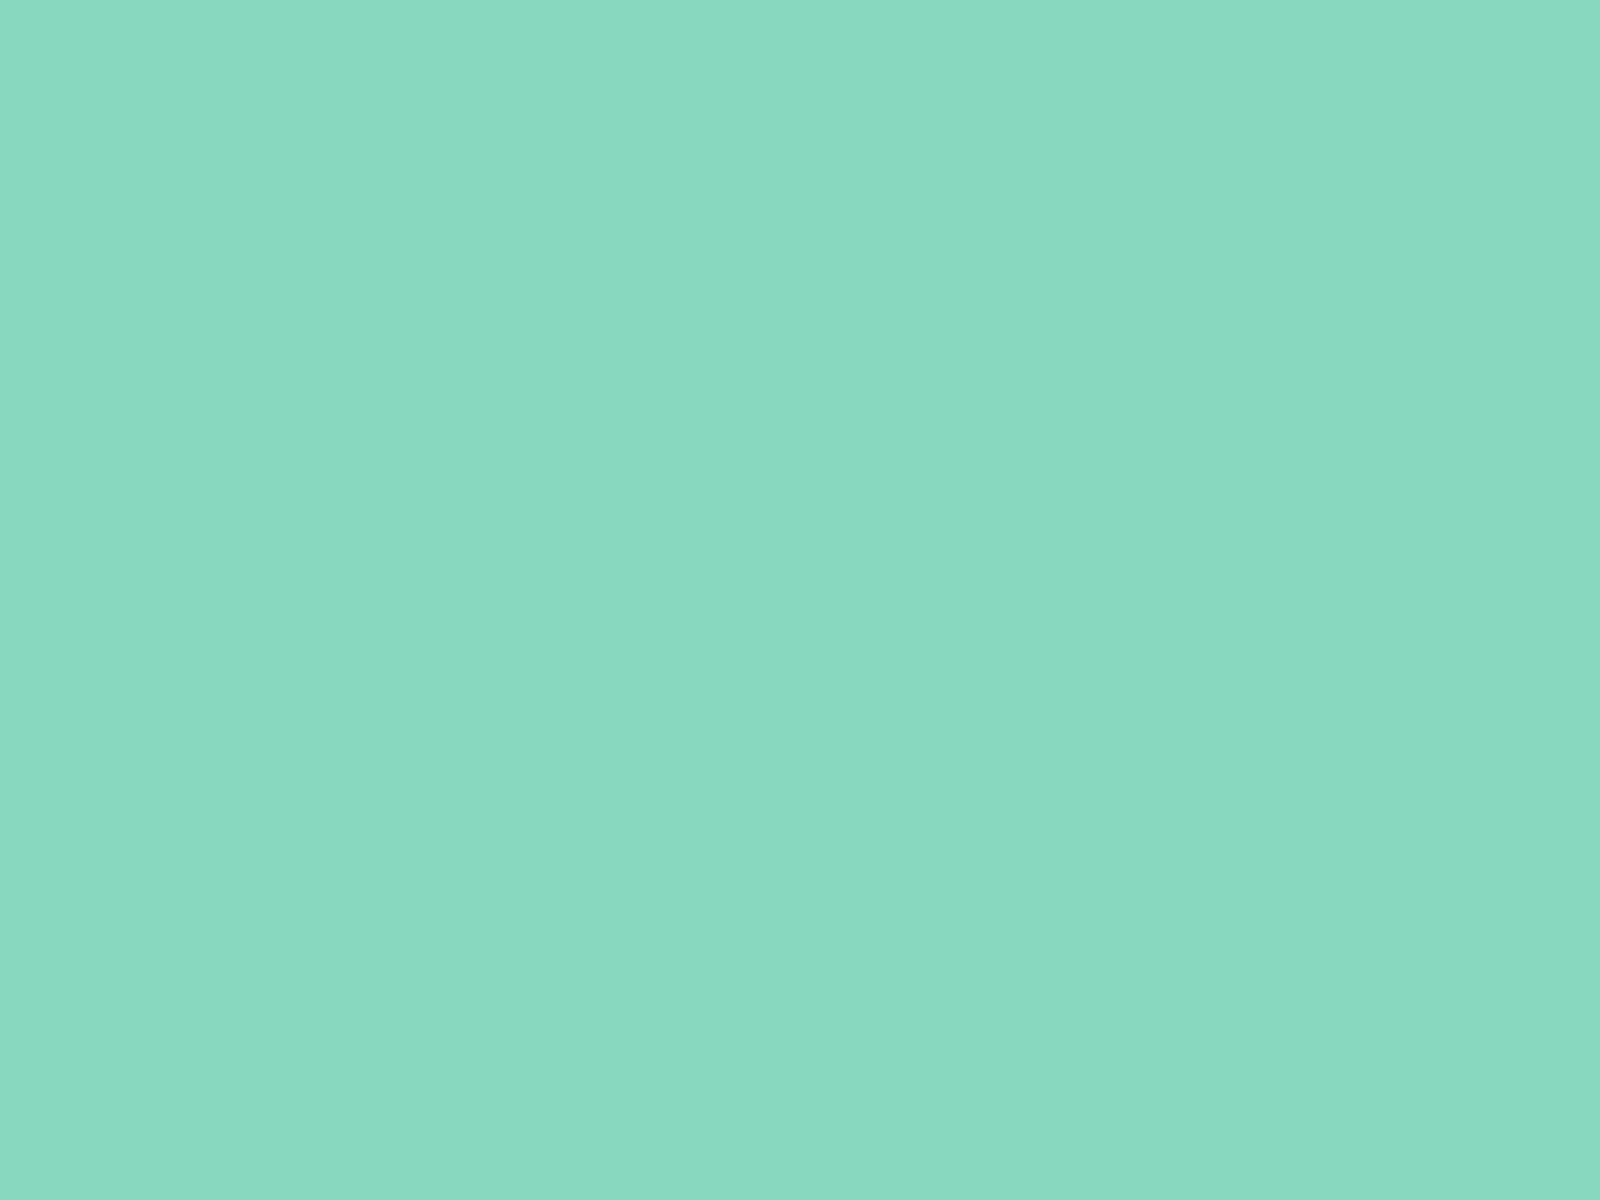 1600x1200 Pearl Aqua Solid Color Background